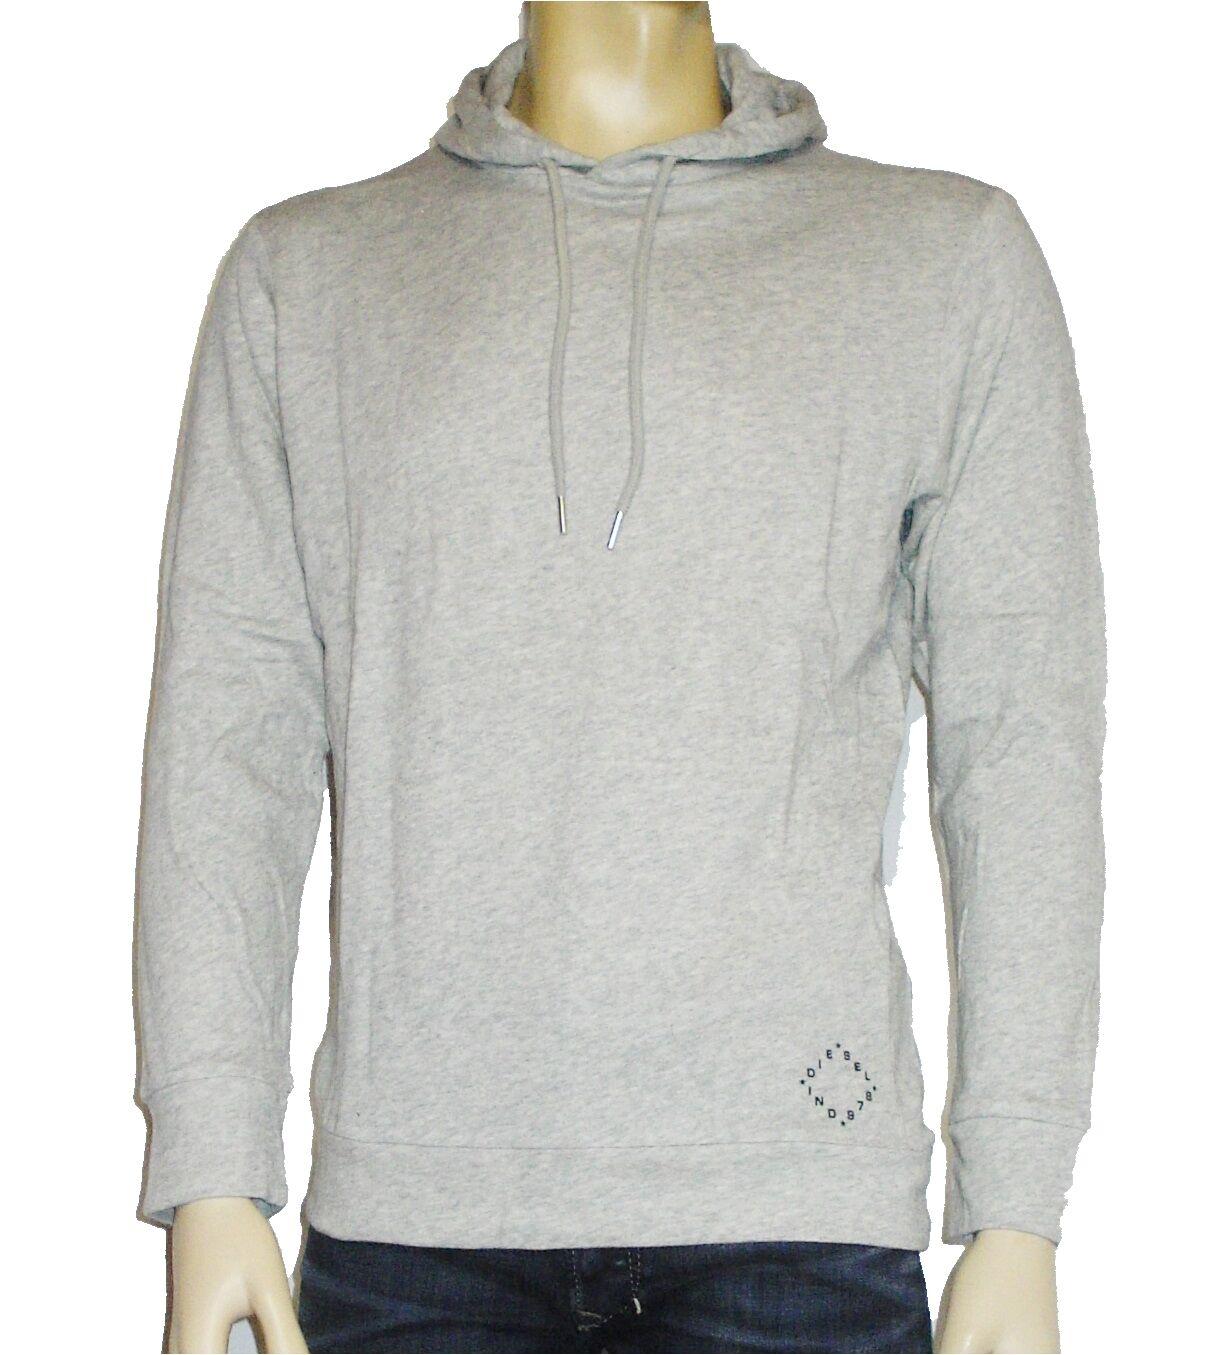 Diesel Sweatshirt mit Kapuze Modell